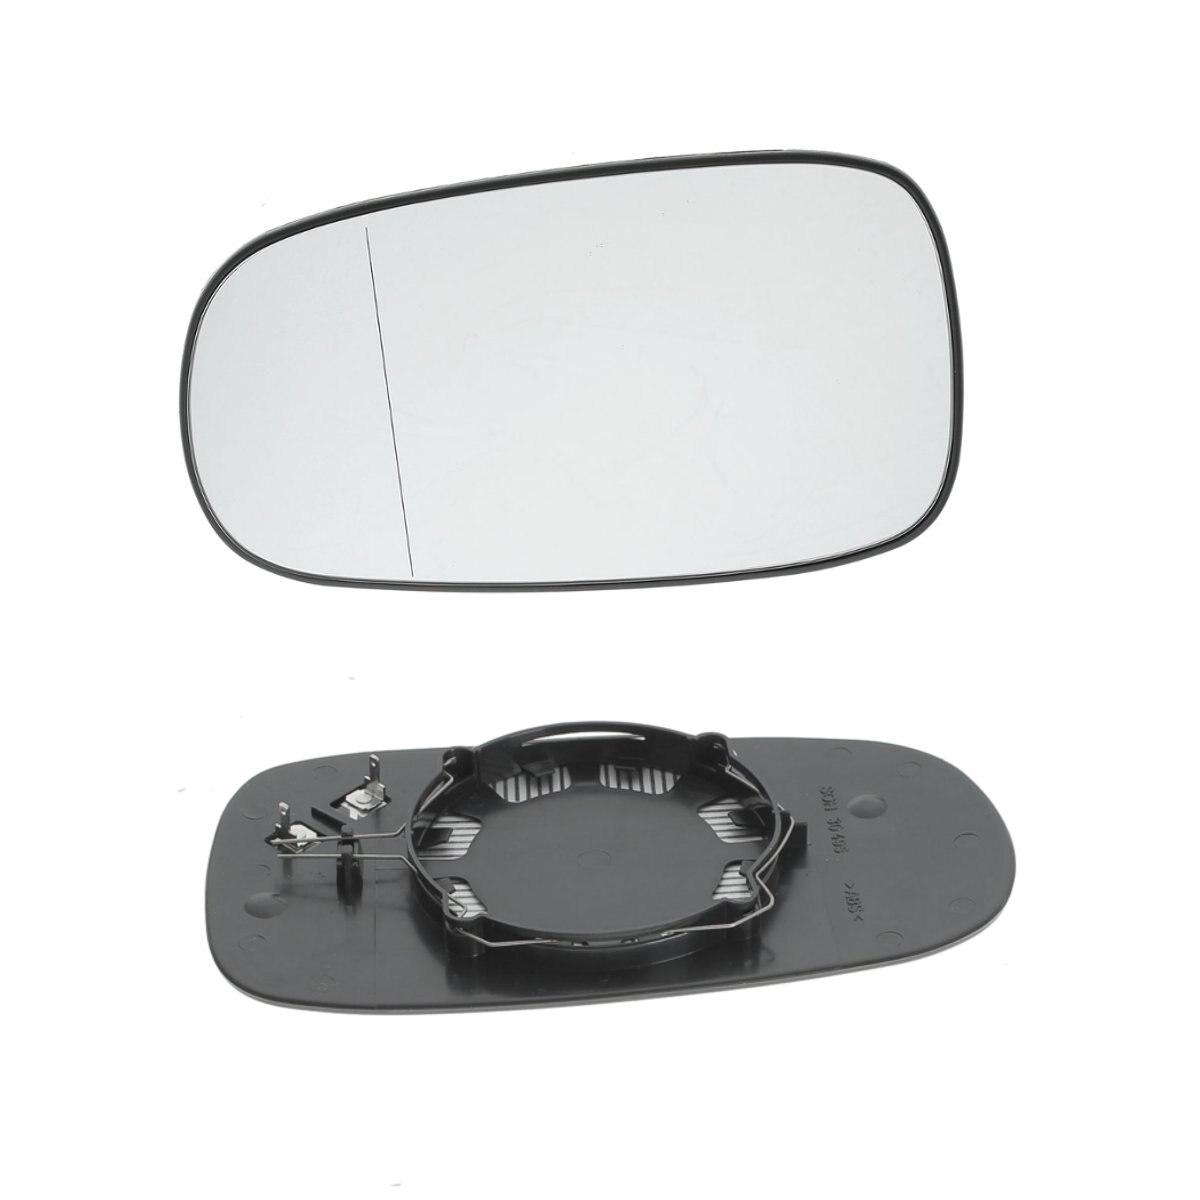 Vidrio del espejo del lado izquierdo derecho del pasajero calentado eléctrico para SAAB 9-3 93 2003-2010 9-5 2003-2008 accesorios de piezas de repuesto